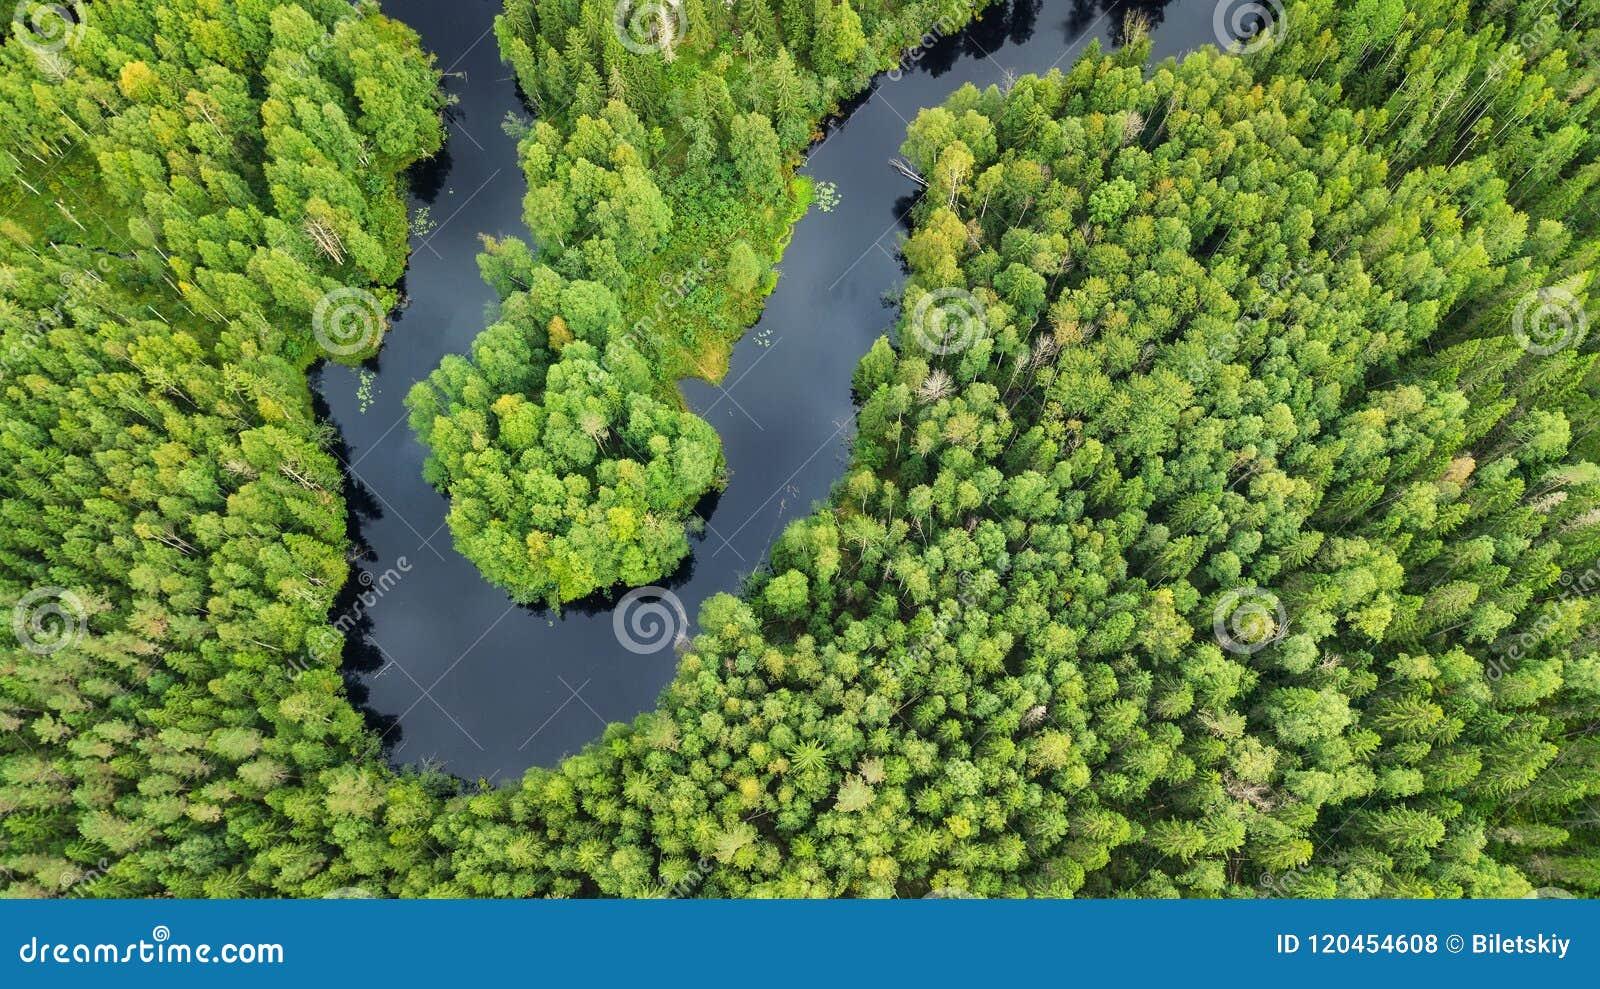 Widok z lotu ptaka na rzece i lesie